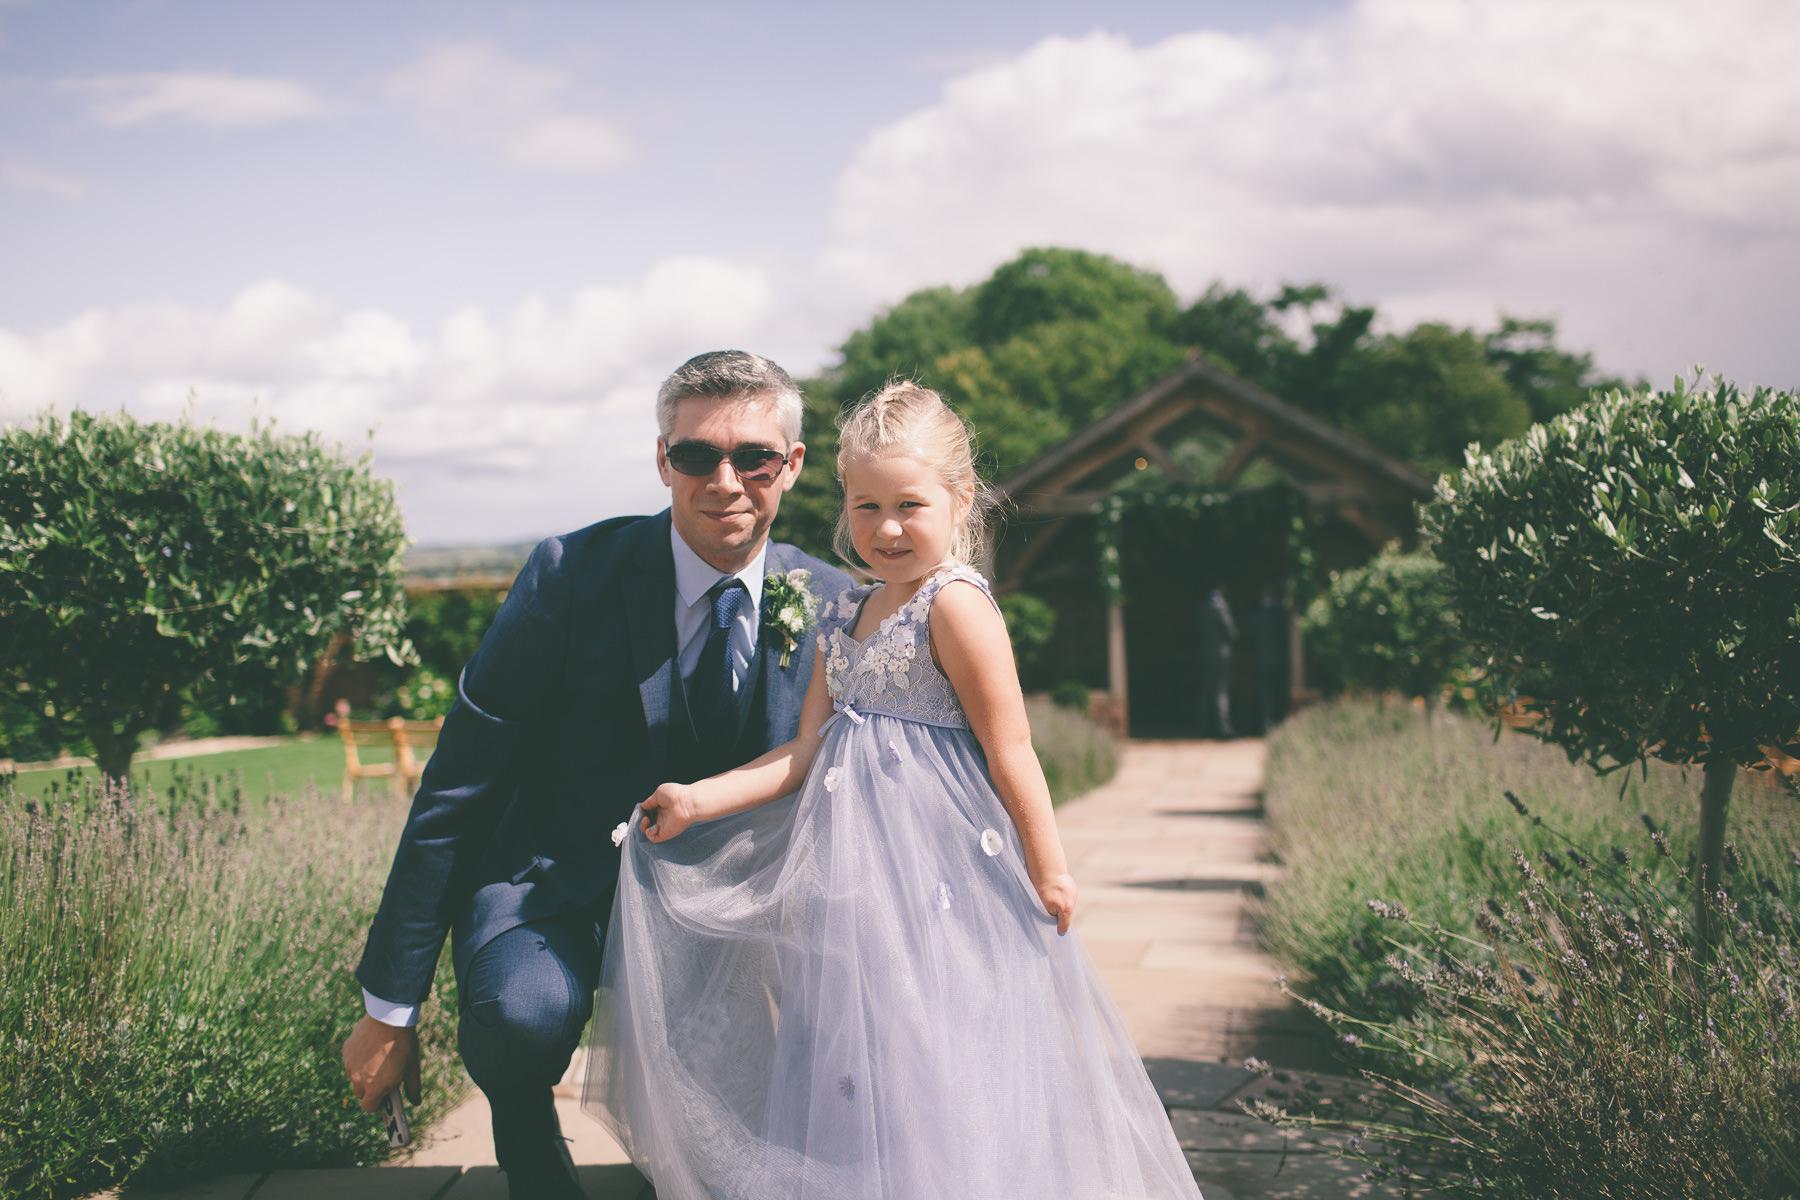 upton-barn-walled-garden-devon-wedding-photography-117